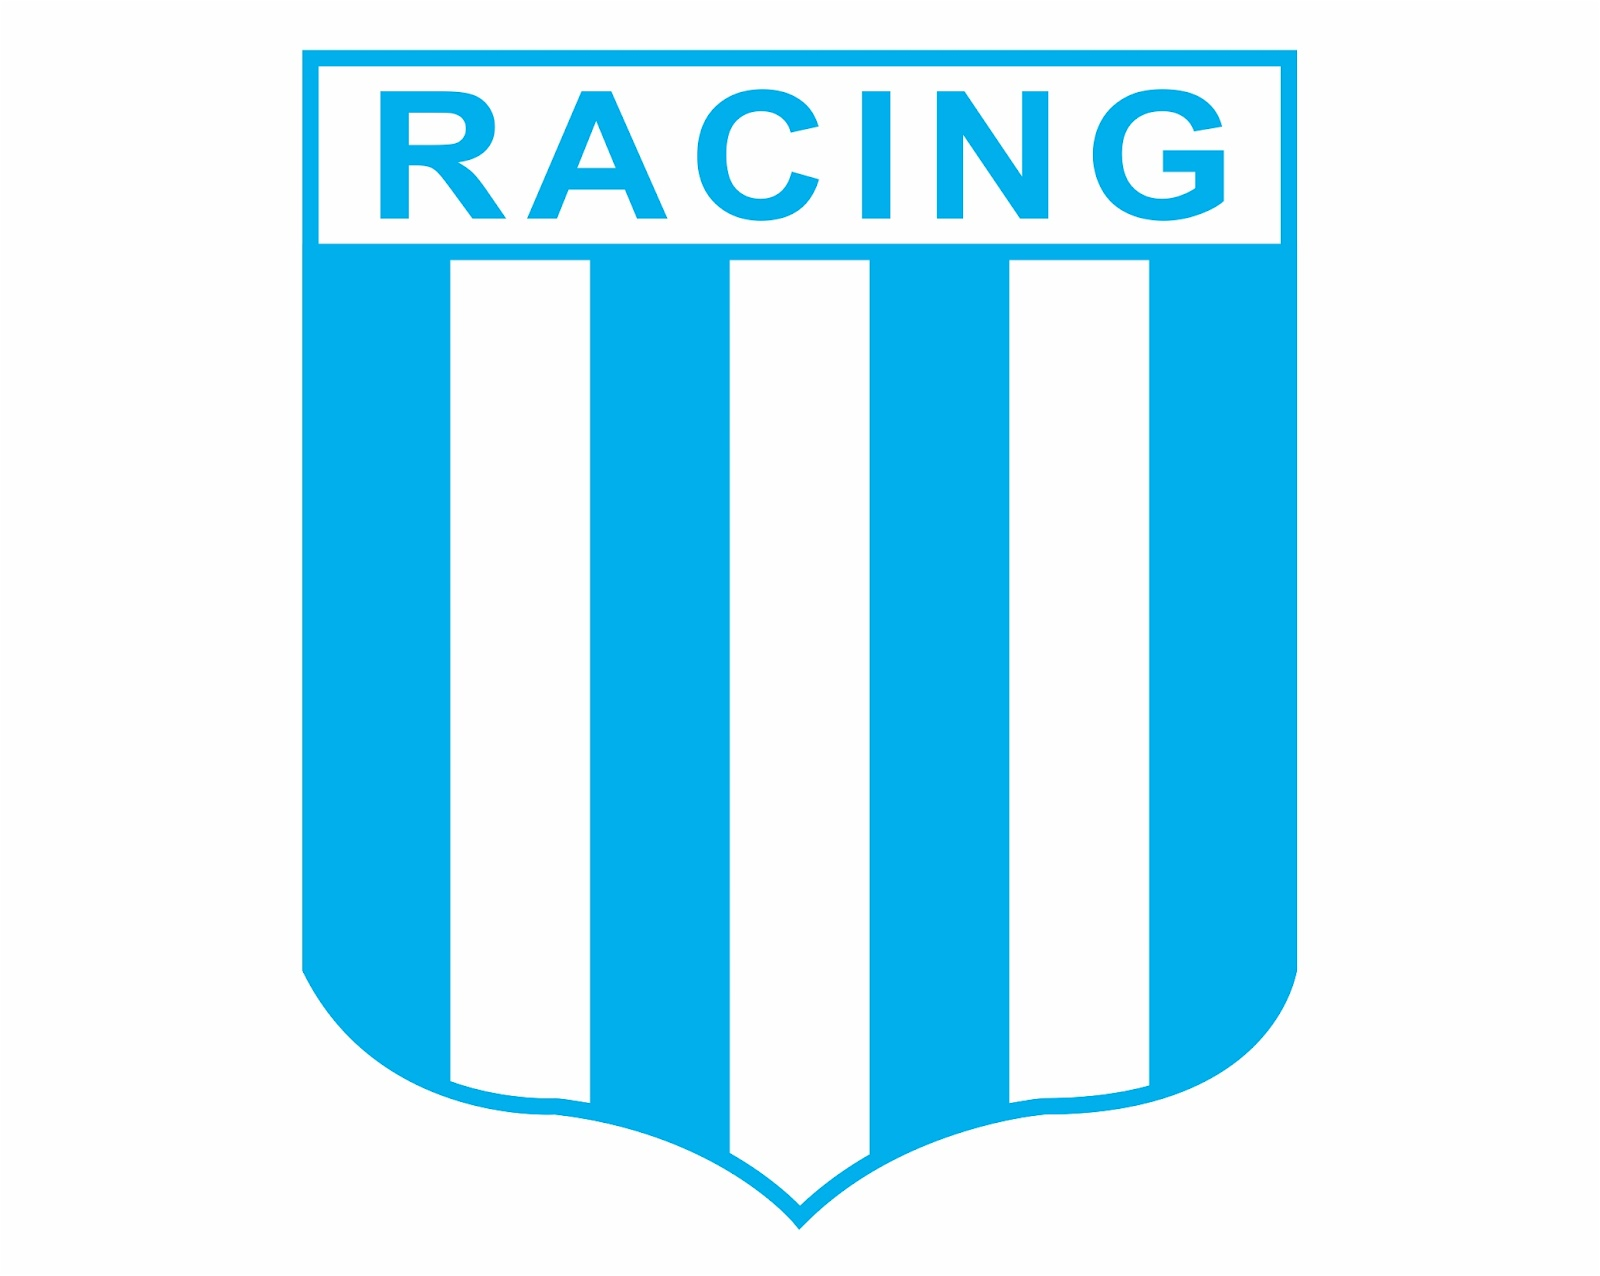 Escudos de Fútbol de Argentina CARATULASyLOGOS - Imagenes De Escudos De Equipos De Futbol Argentinos